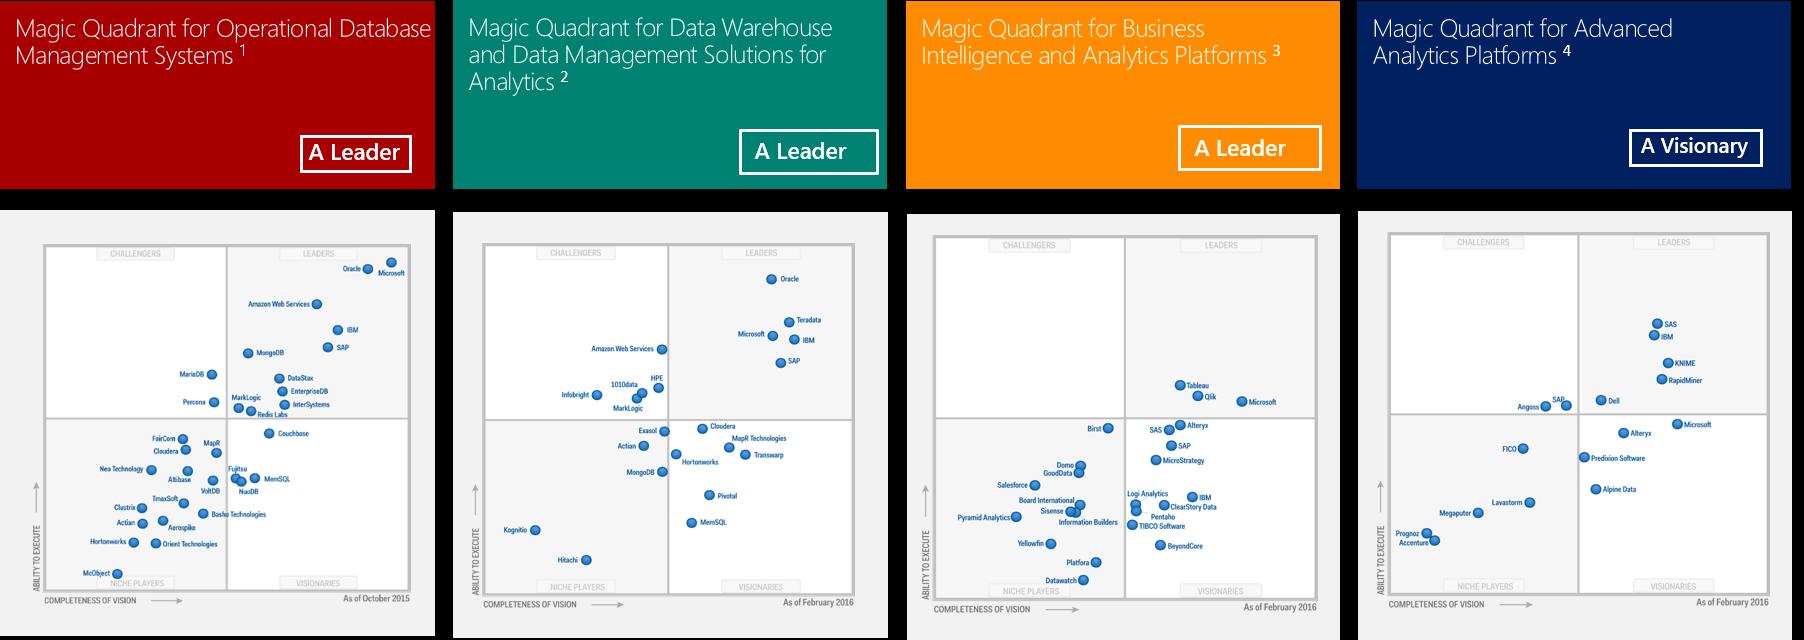 Mit SQL Server kann Microsoft in vielen Bereichen punkten, wie eine Einschätzung des Marktforschungsinstitutes Gartner zeigt. Mit Support für weitere Plattformen kann Microsoft die Verbreitung der Datenbank noch weiter steigern. (Bild: Microsoft)